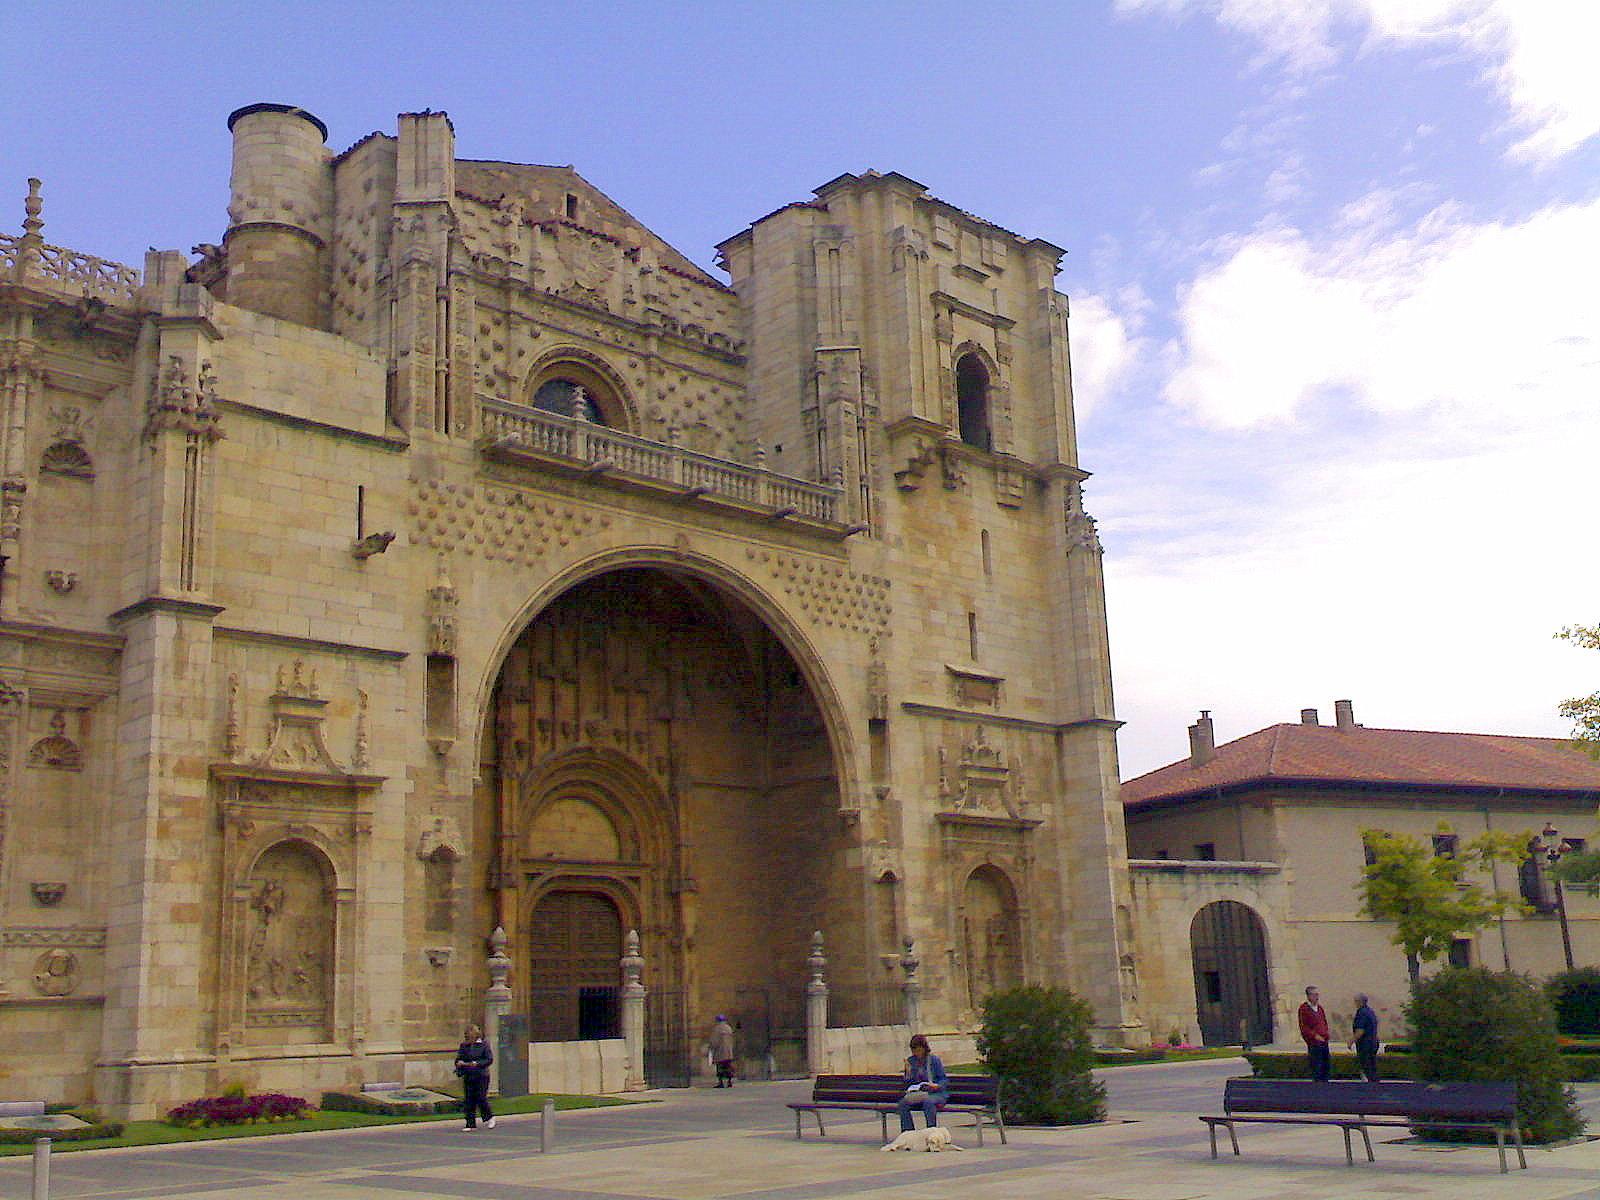 San marcos le n parroquias en le n parroquias en le n for Puerta 3 de san marcos